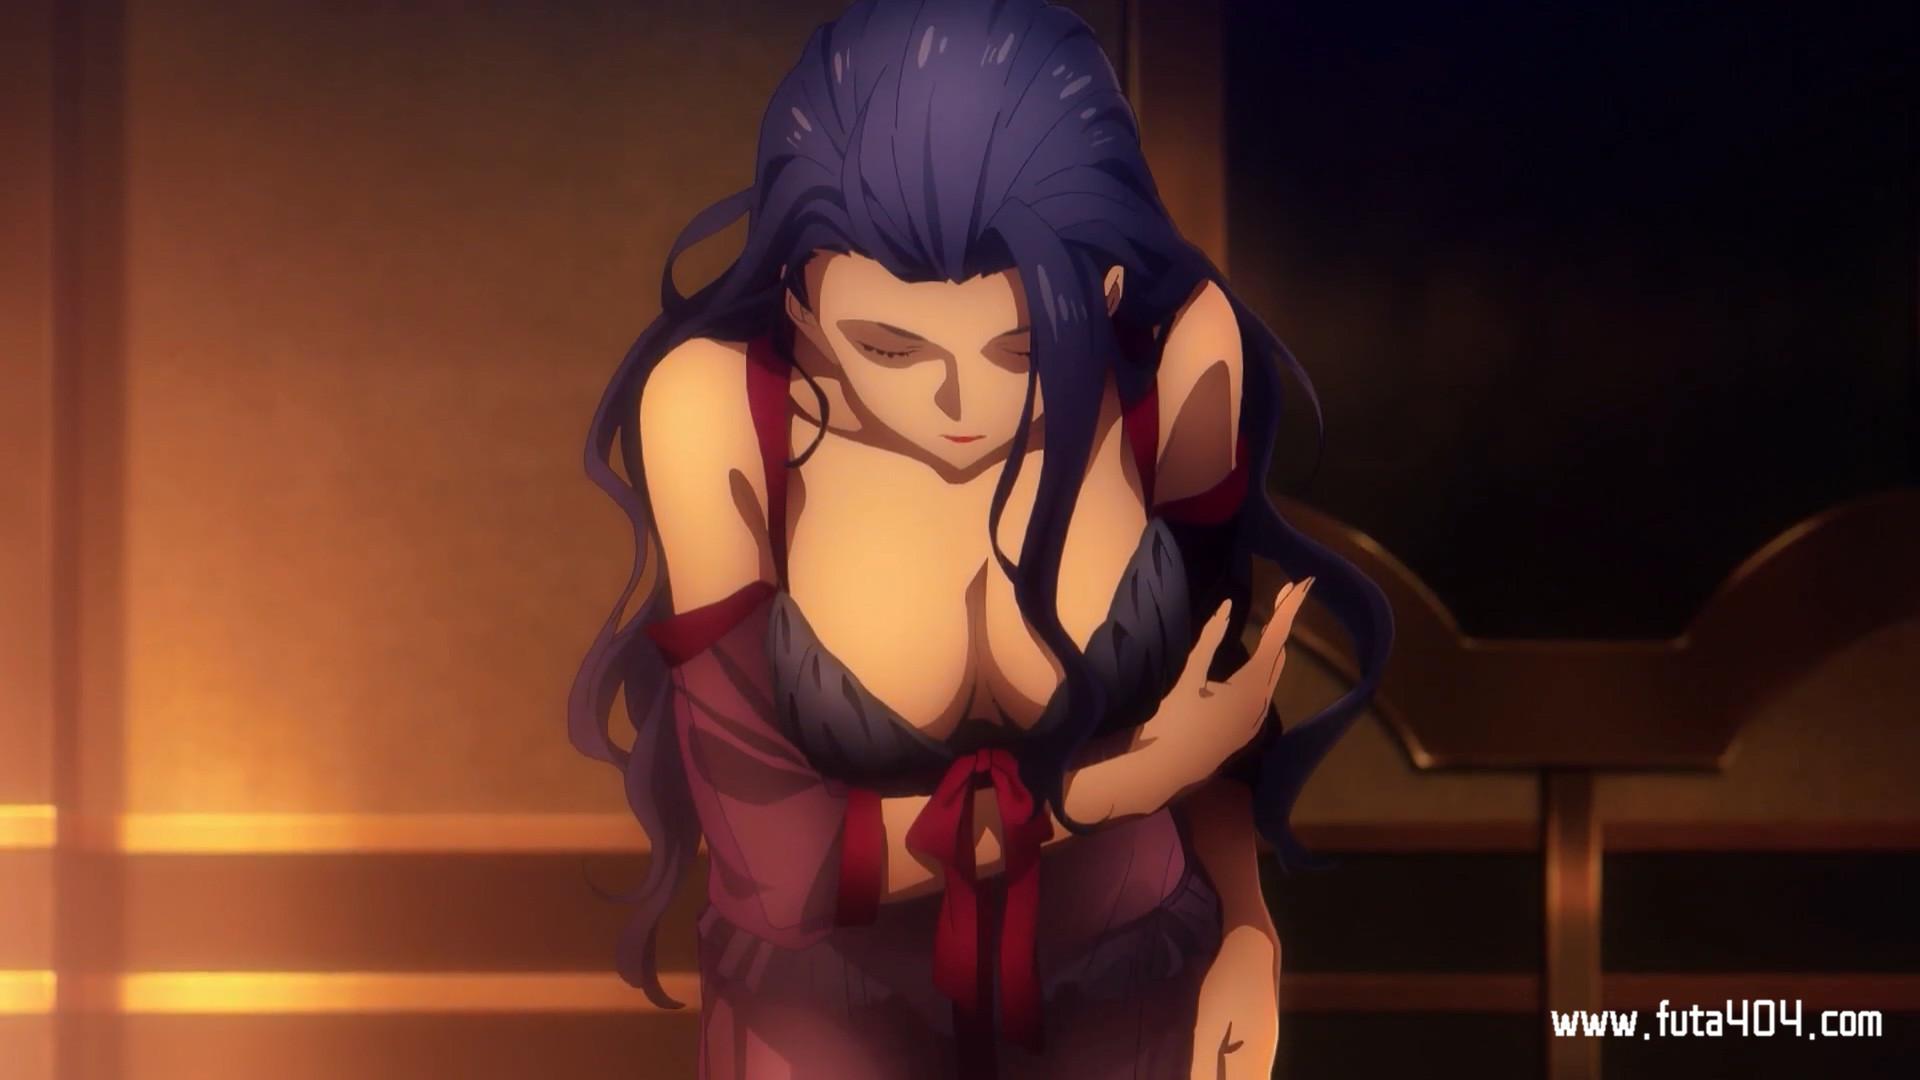 刀剑神域第三季爱丽丝篇异界战争 第4话 刀剑神域第三季 动画在线 第1张